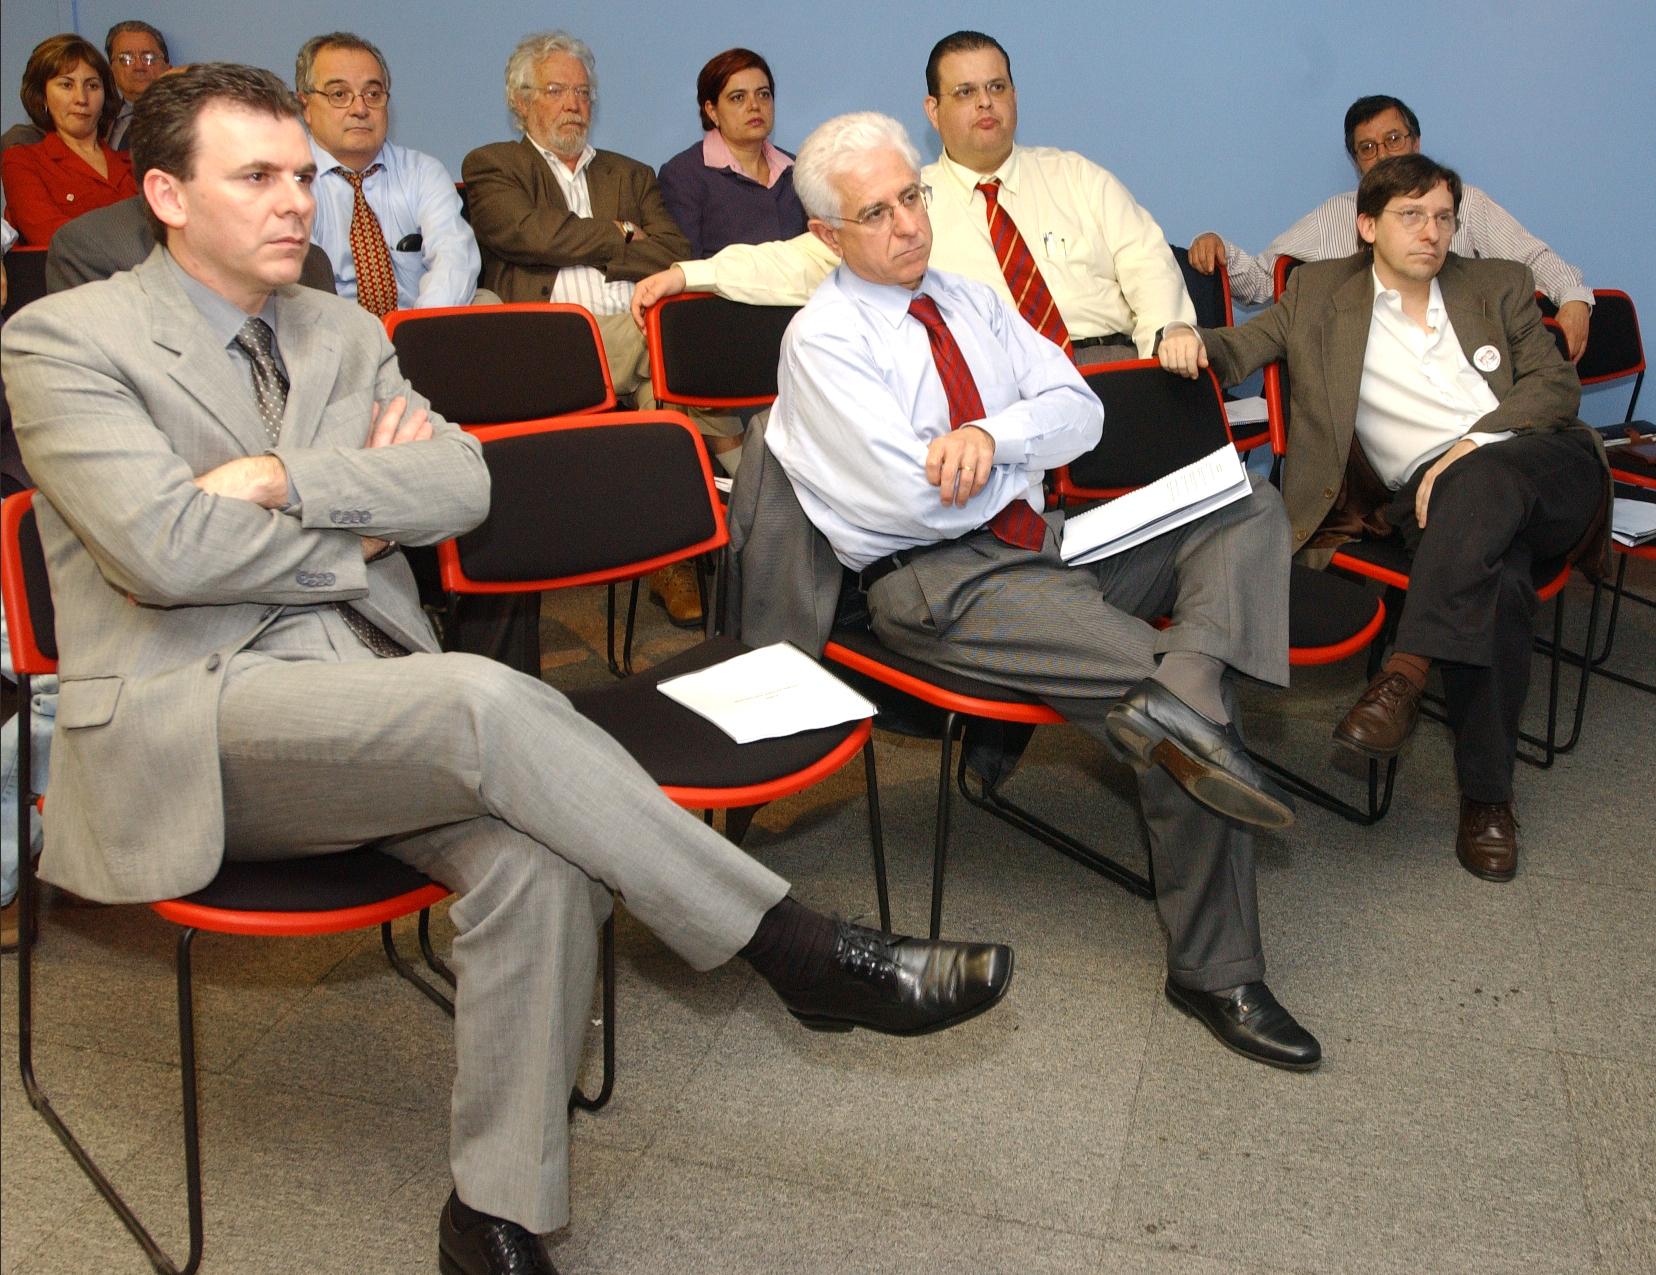 Presidente Sidney Beraldo (centro) quer expandir a discussão sobre distribuição de tributos no Legislativo<a style='float:right' href='https://www3.al.sp.gov.br/repositorio/noticia/hist/vidconf.jpg' target=_blank><img src='/_img/material-file-download-white.png' width='14px' alt='Clique para baixar a imagem'></a>